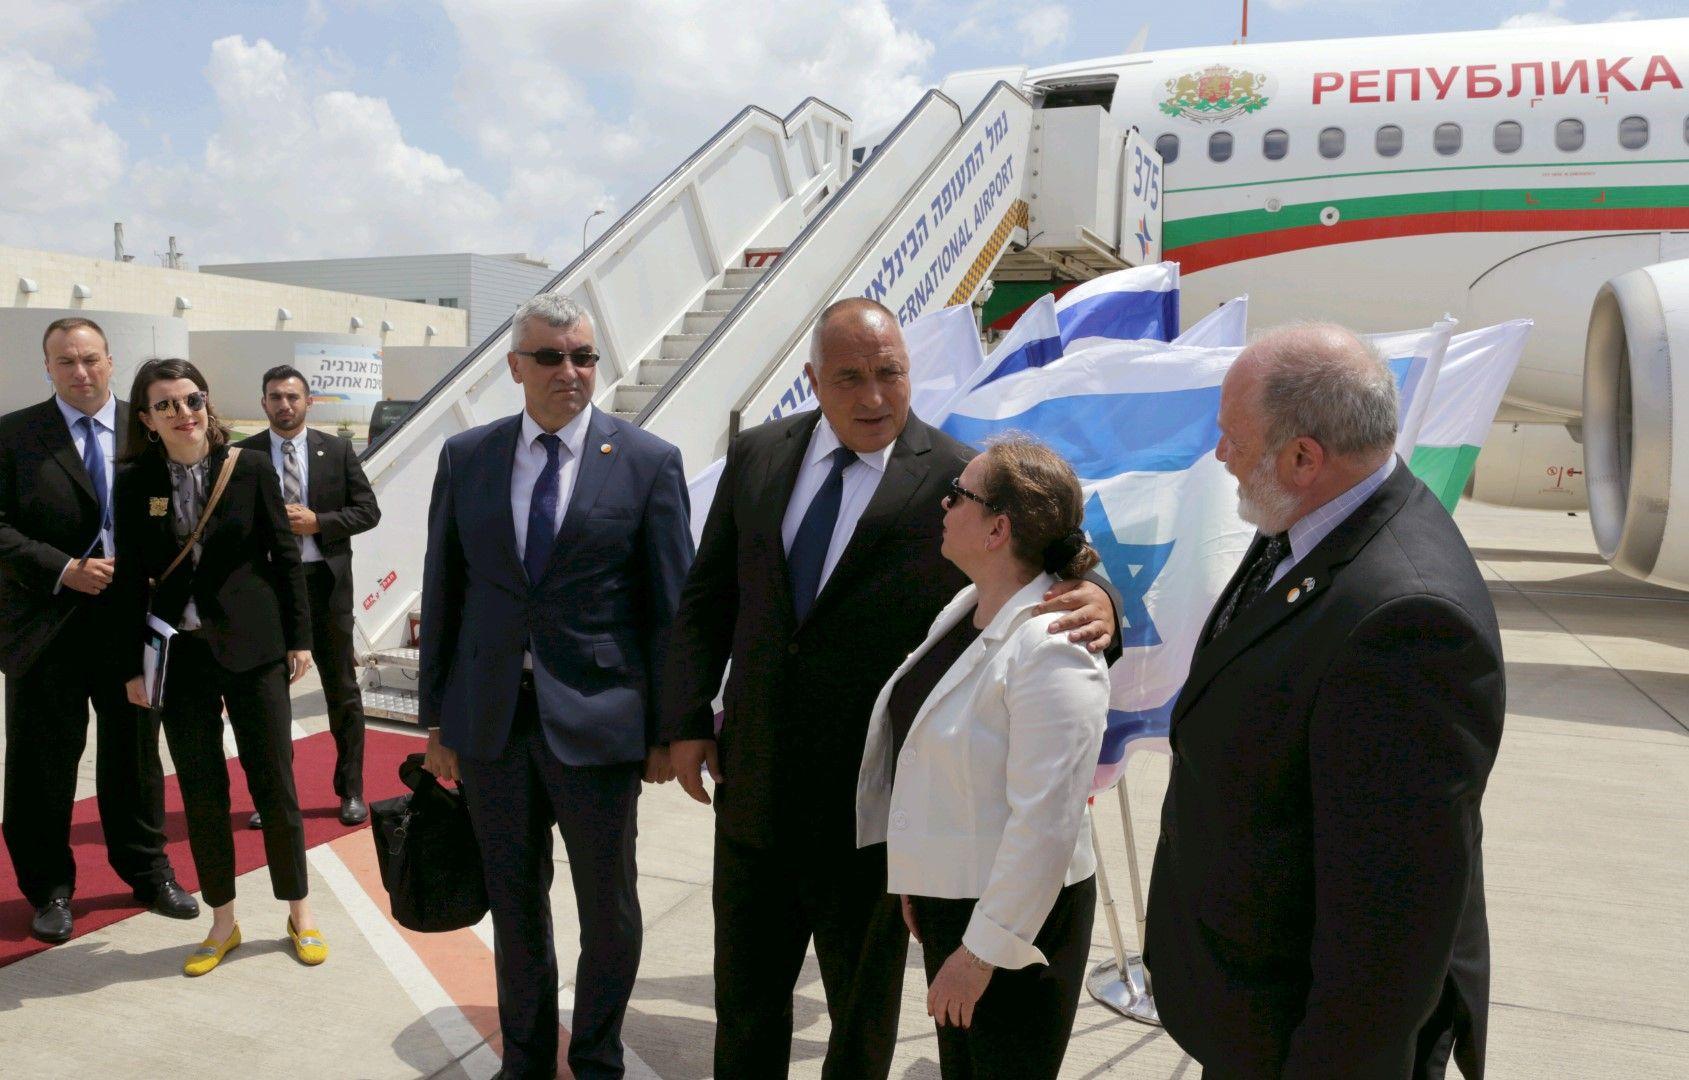 Бойко Борисов беше посрешнат от Ирит Лилиан, посланик на Израел в България